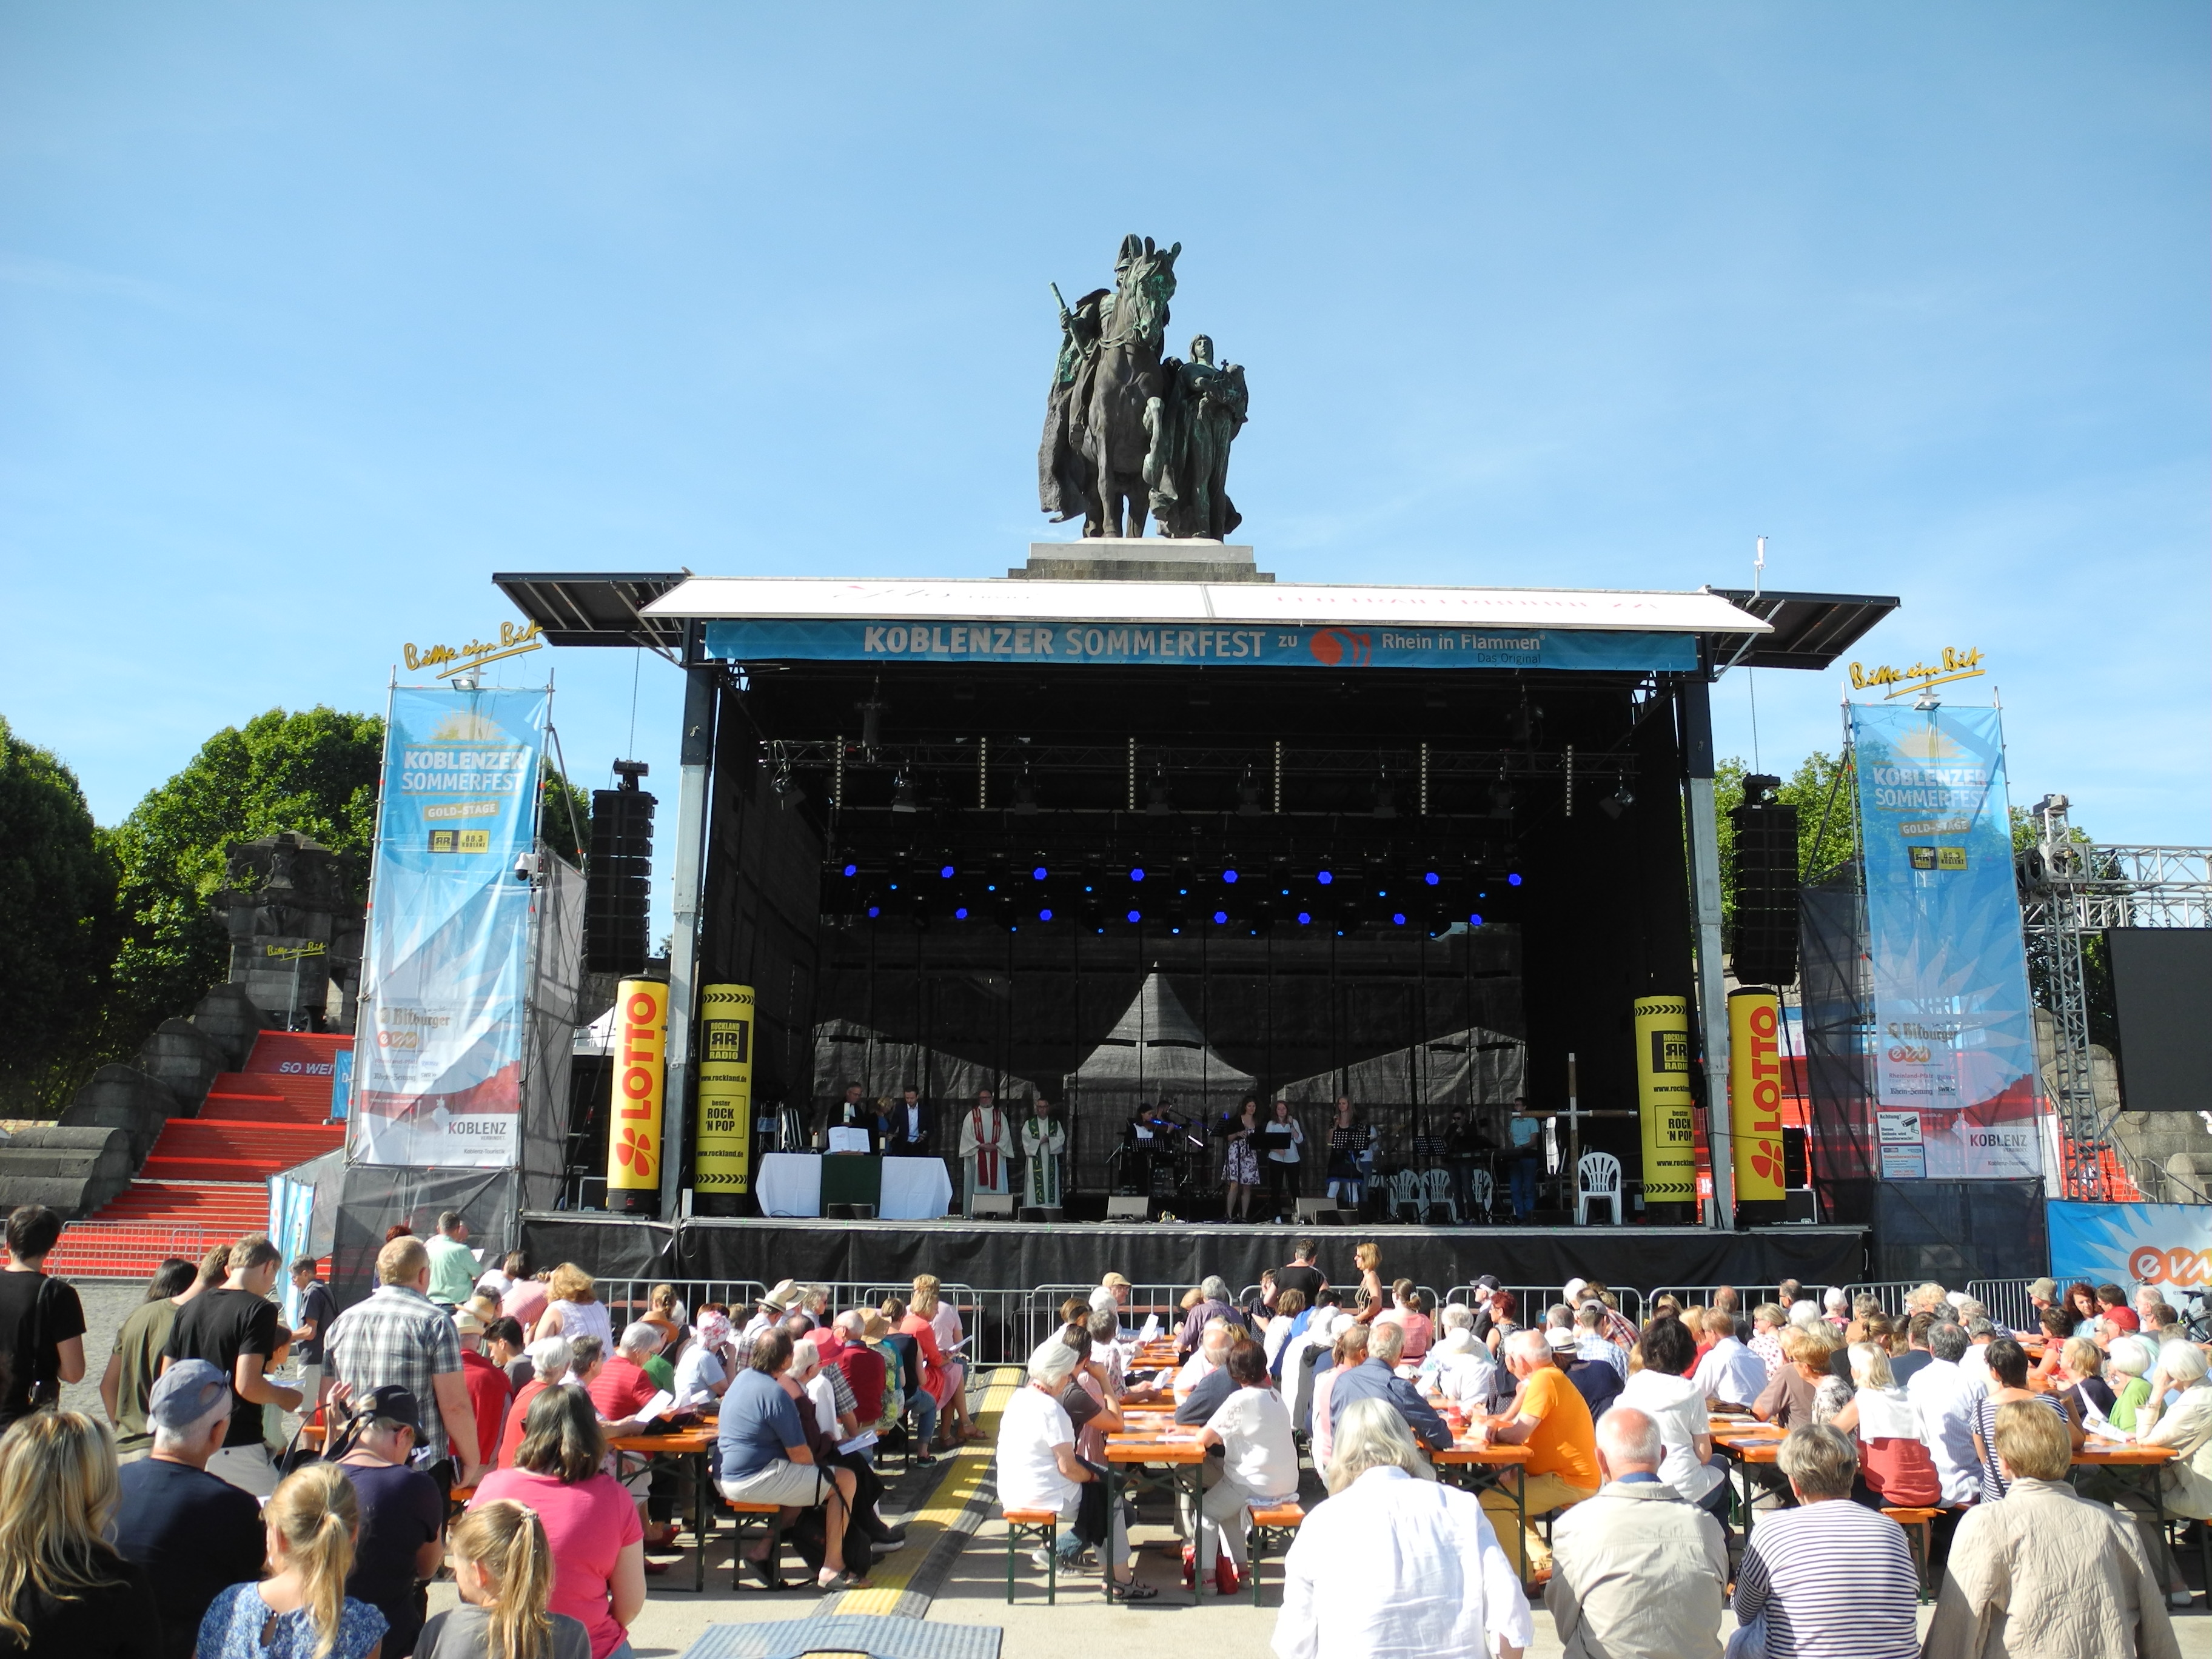 Ökumenischer Gottesdienst zum Koblenzer Sommerfest 2019